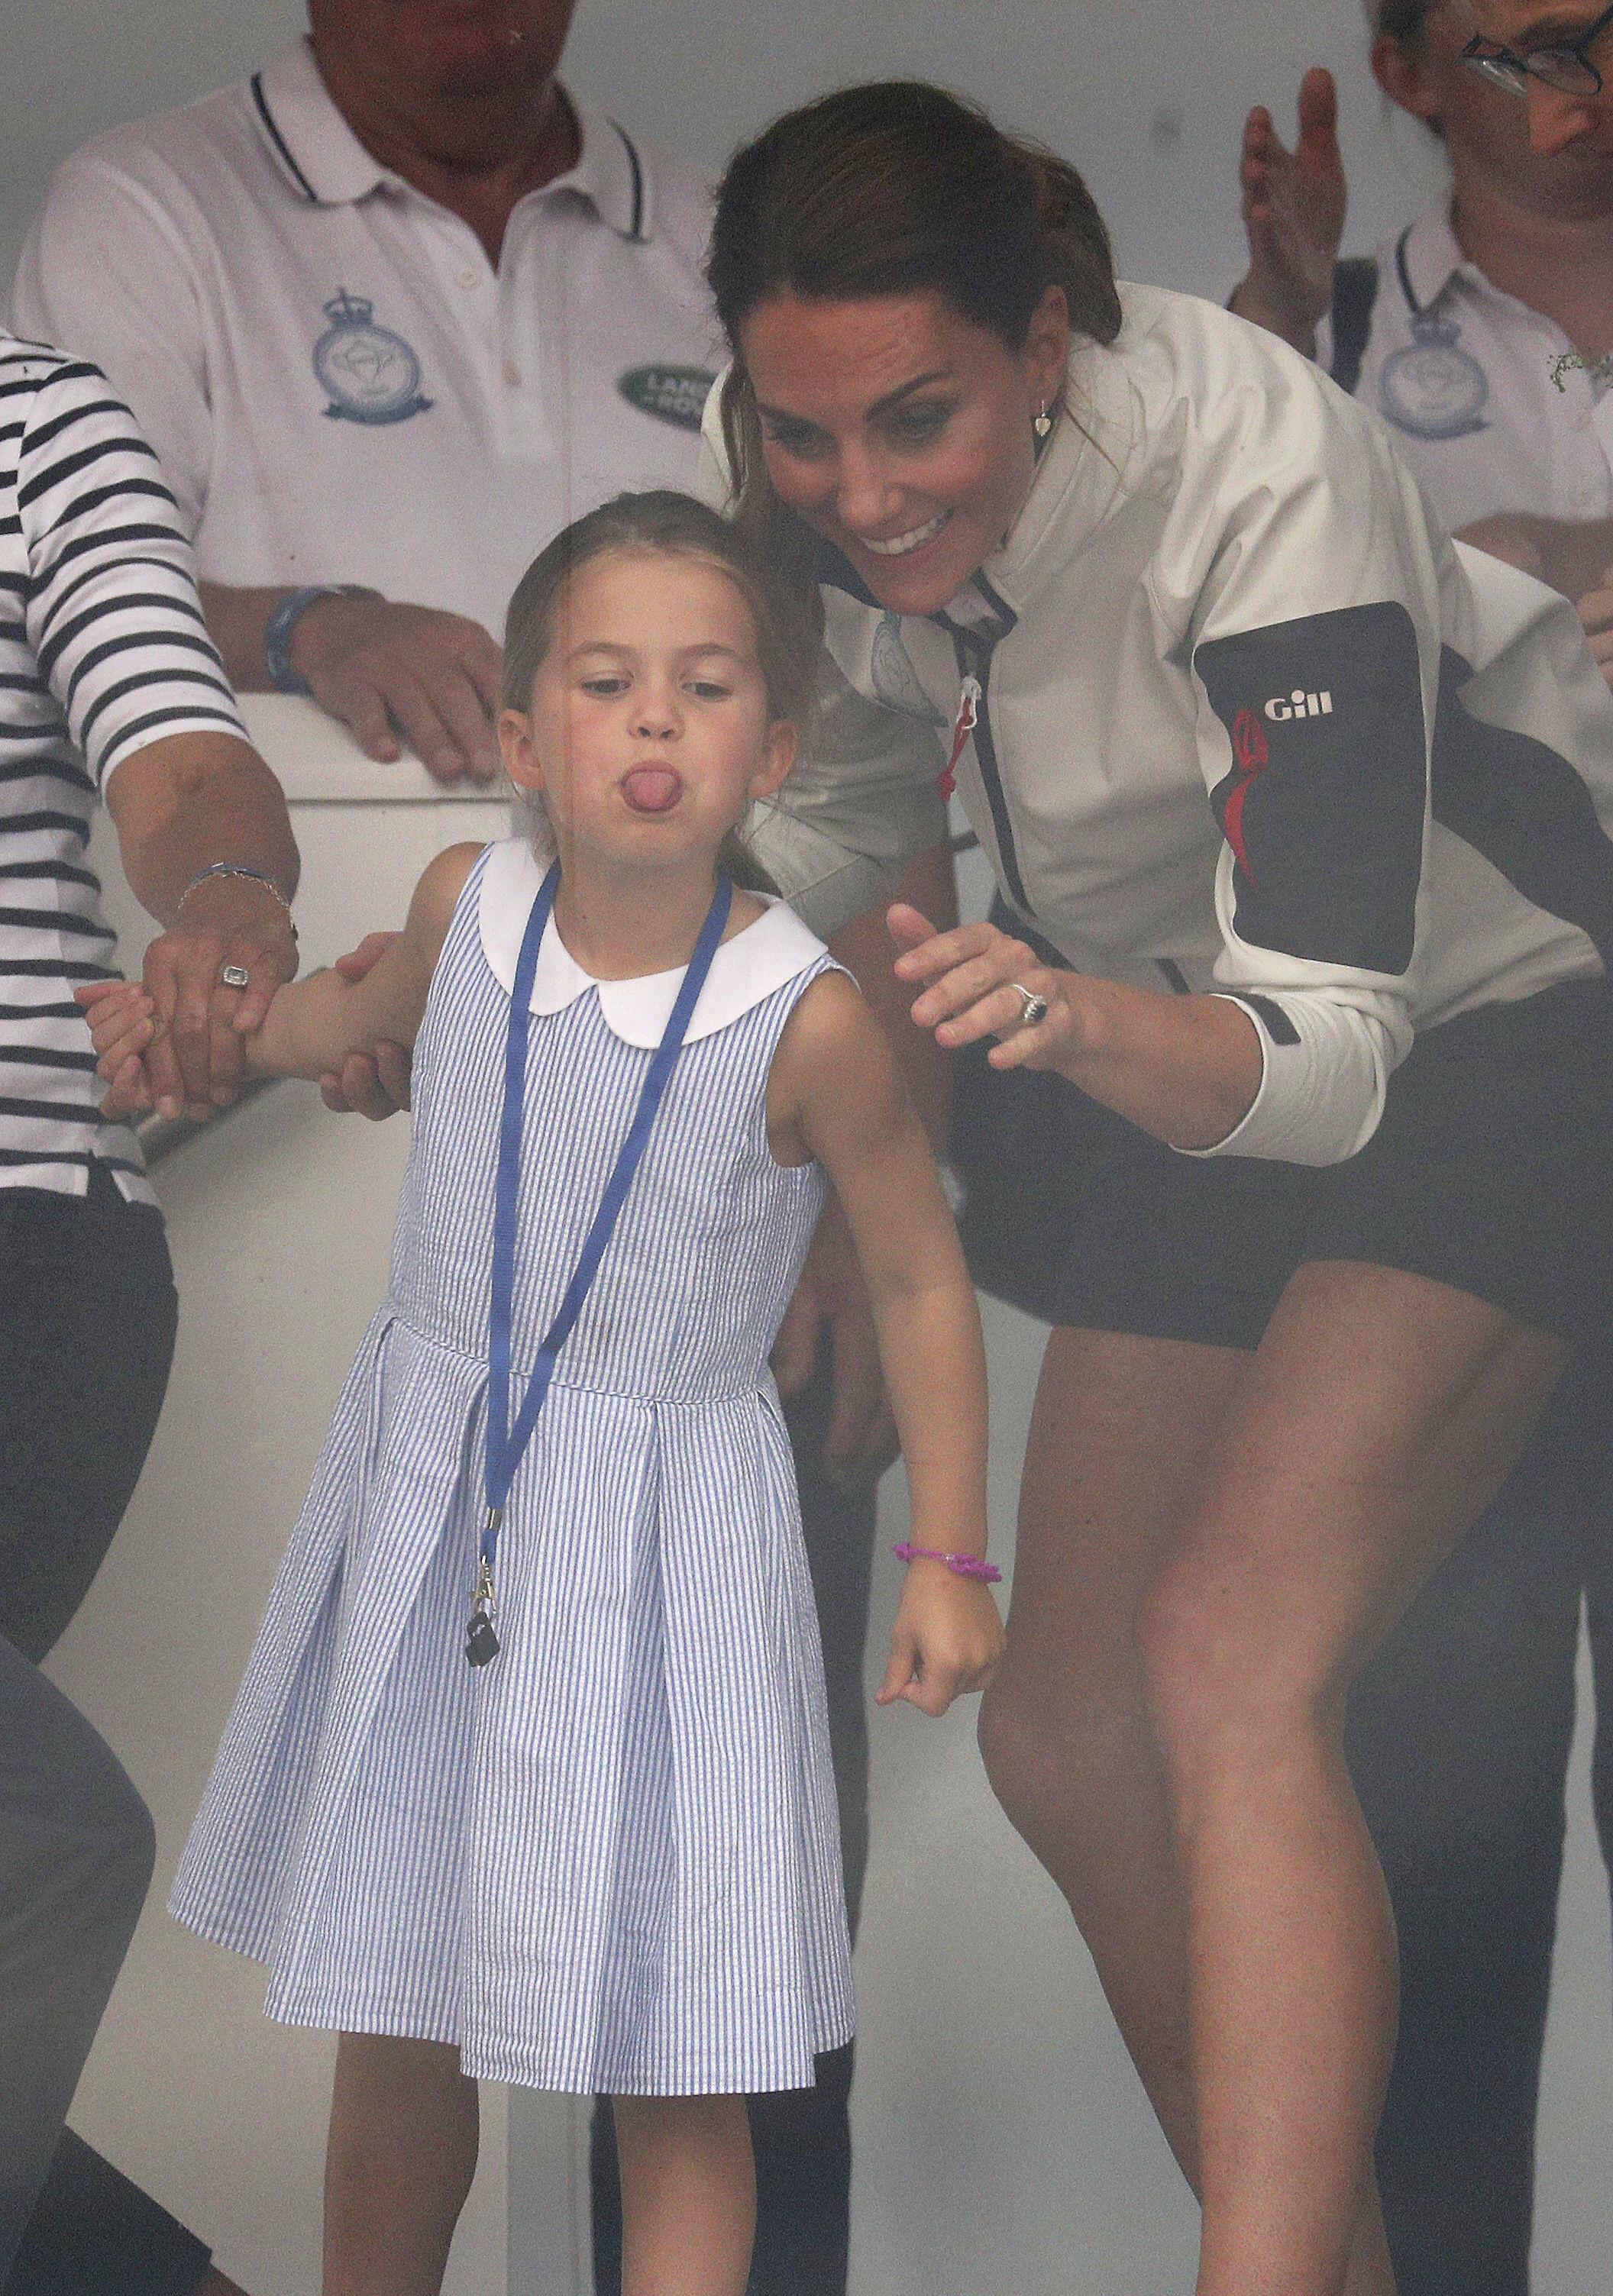 Con su coquetería y actitud divertida, la princesa Charlotte llamó la atención de la prensa y de los asistentes a la regata. (AP)